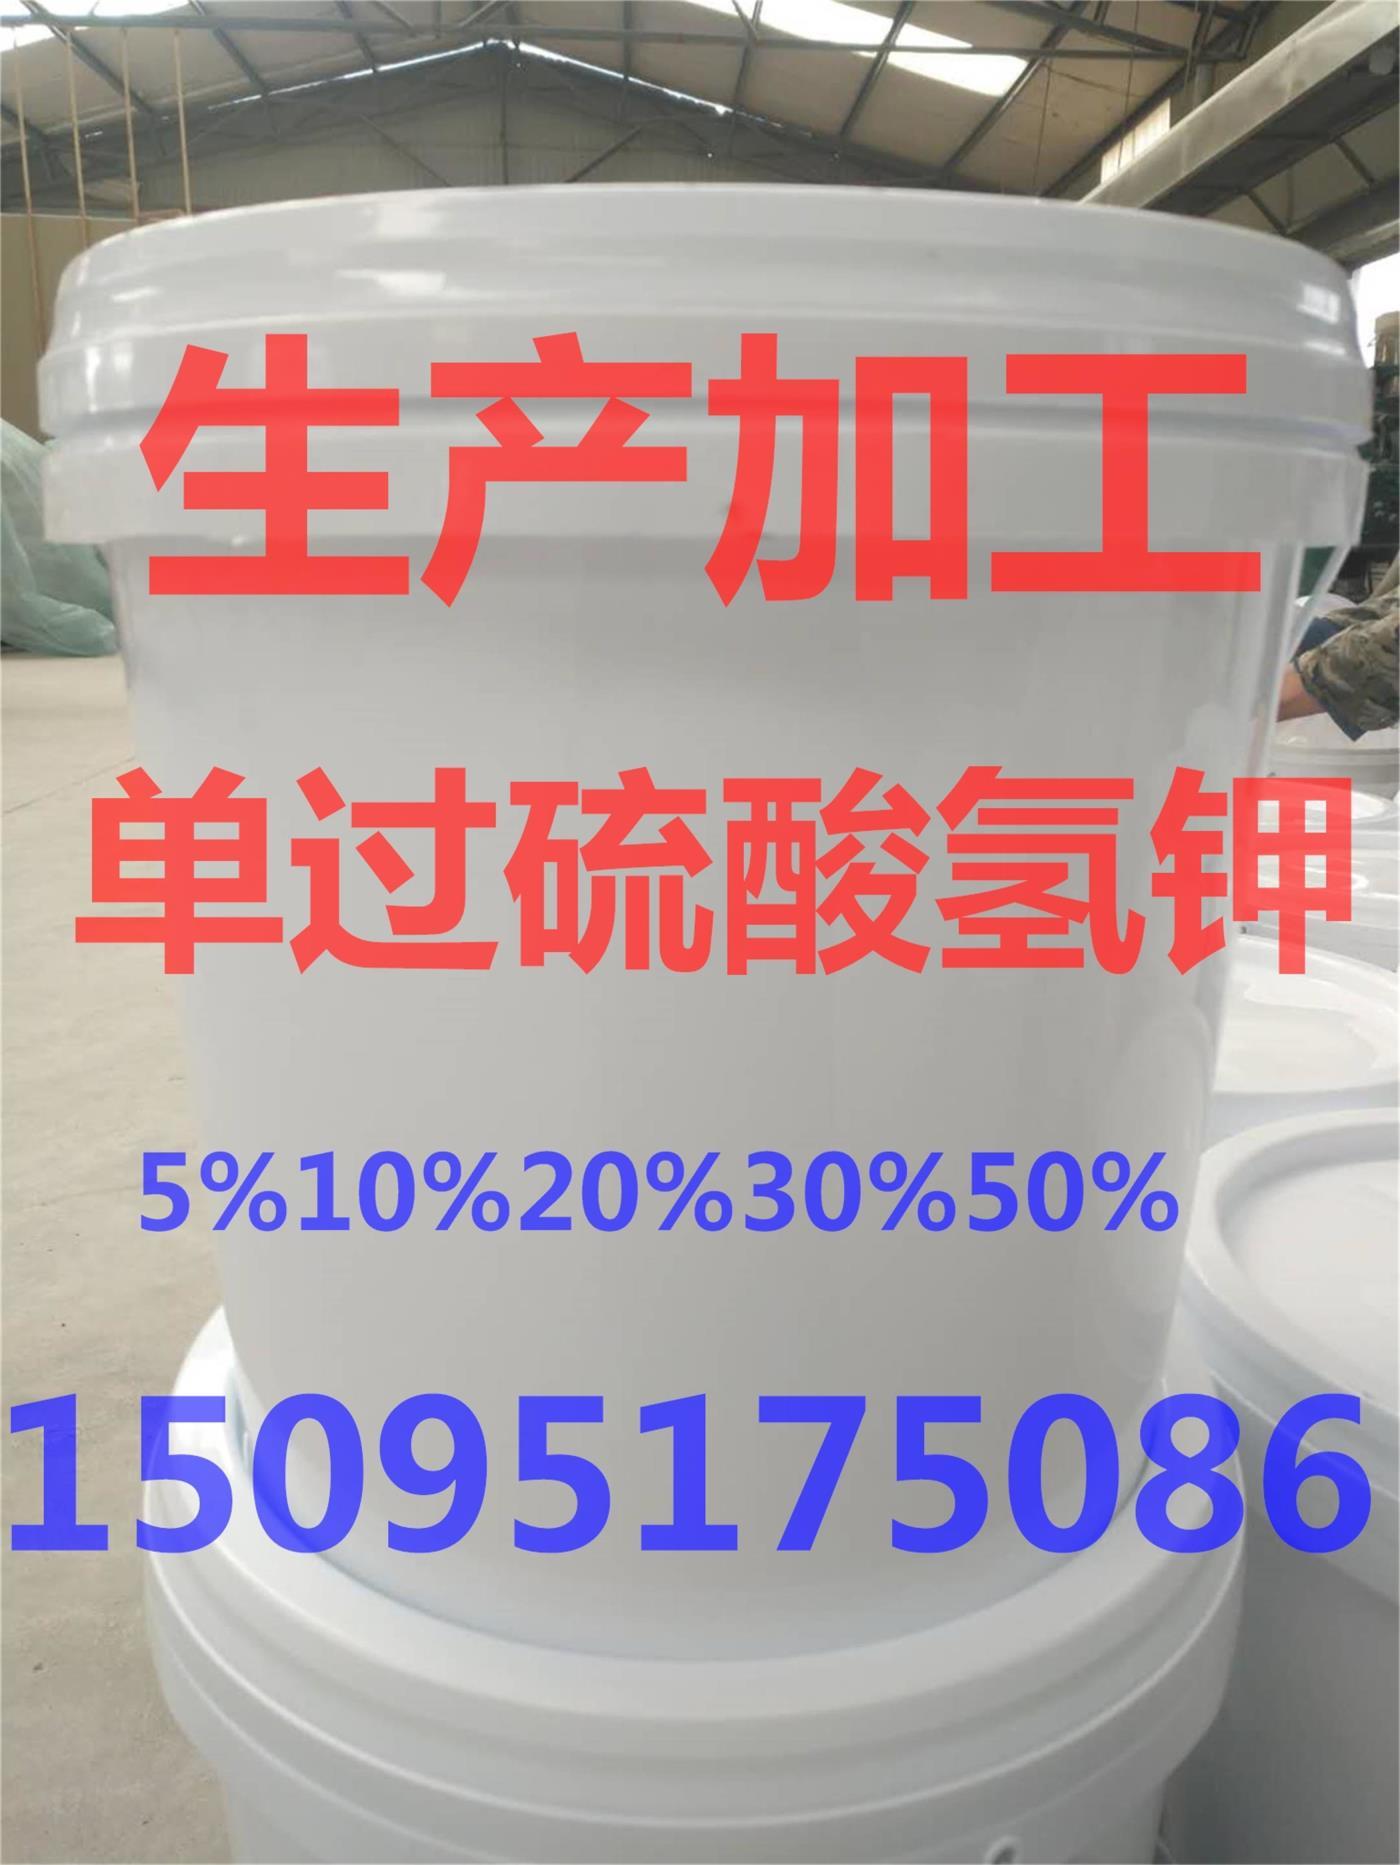 专业生产加工过硫酸氢钾片·可贴牌加工15095175086